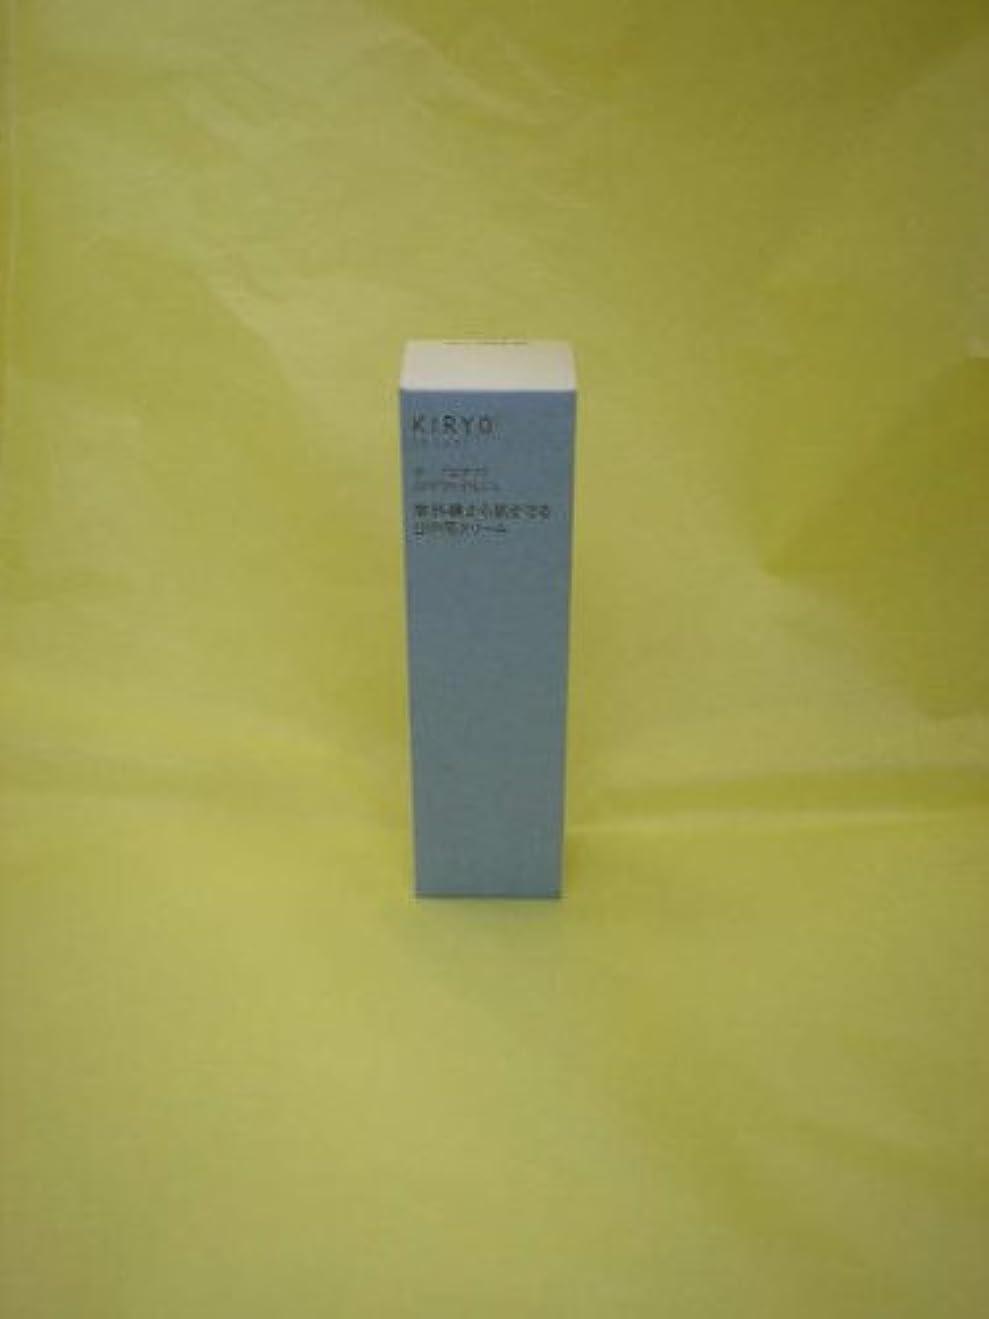 原子炉アノイブッシュキリョウ デ-プロテクト 30g( 植物派化粧品)